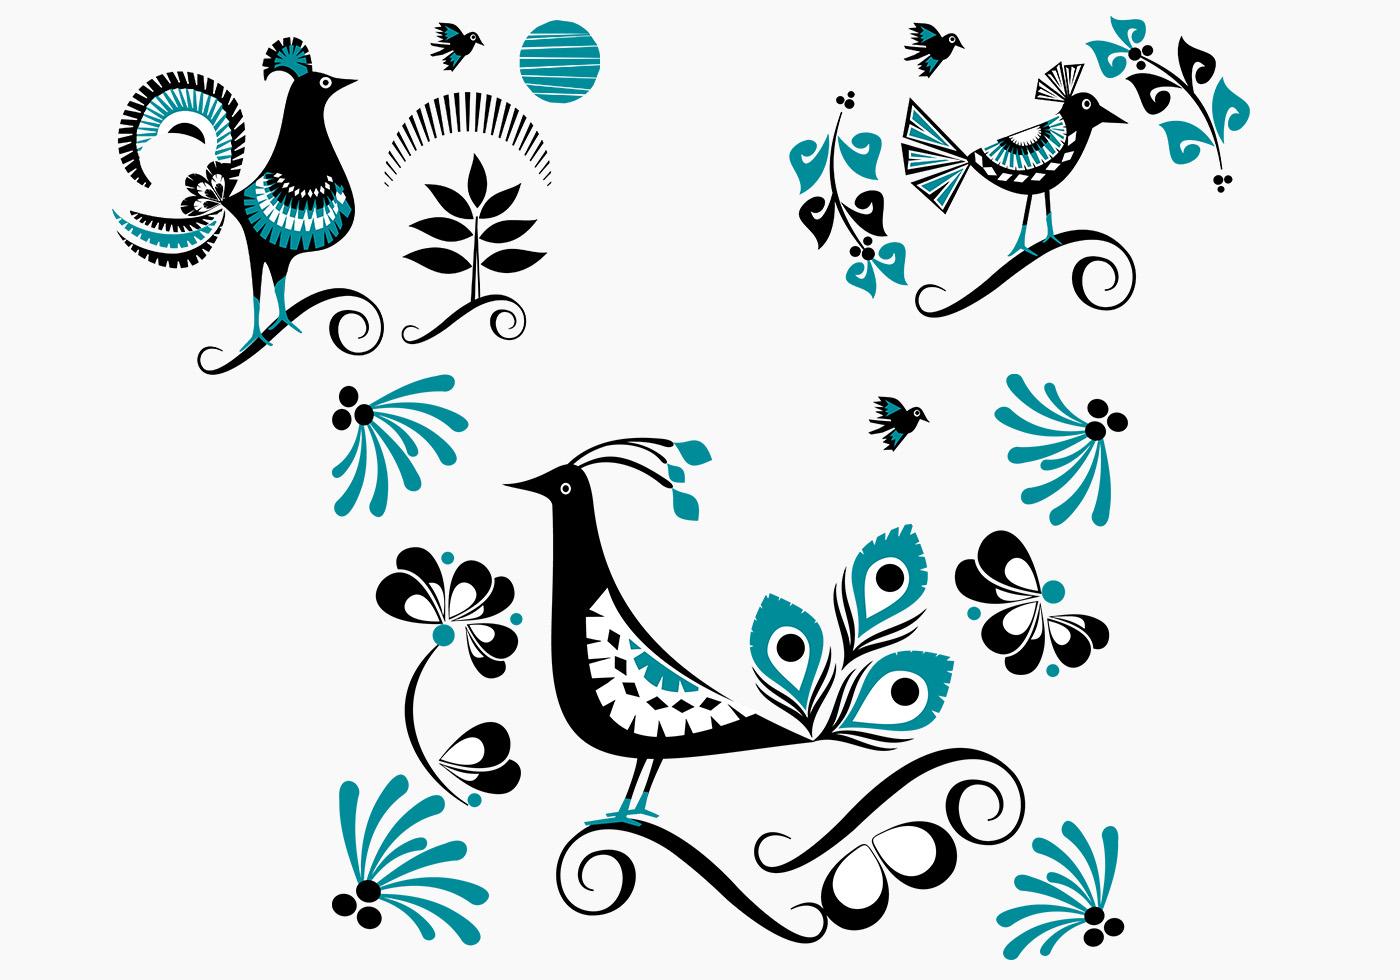 довольно редким узоры и картинки с птицами состоят